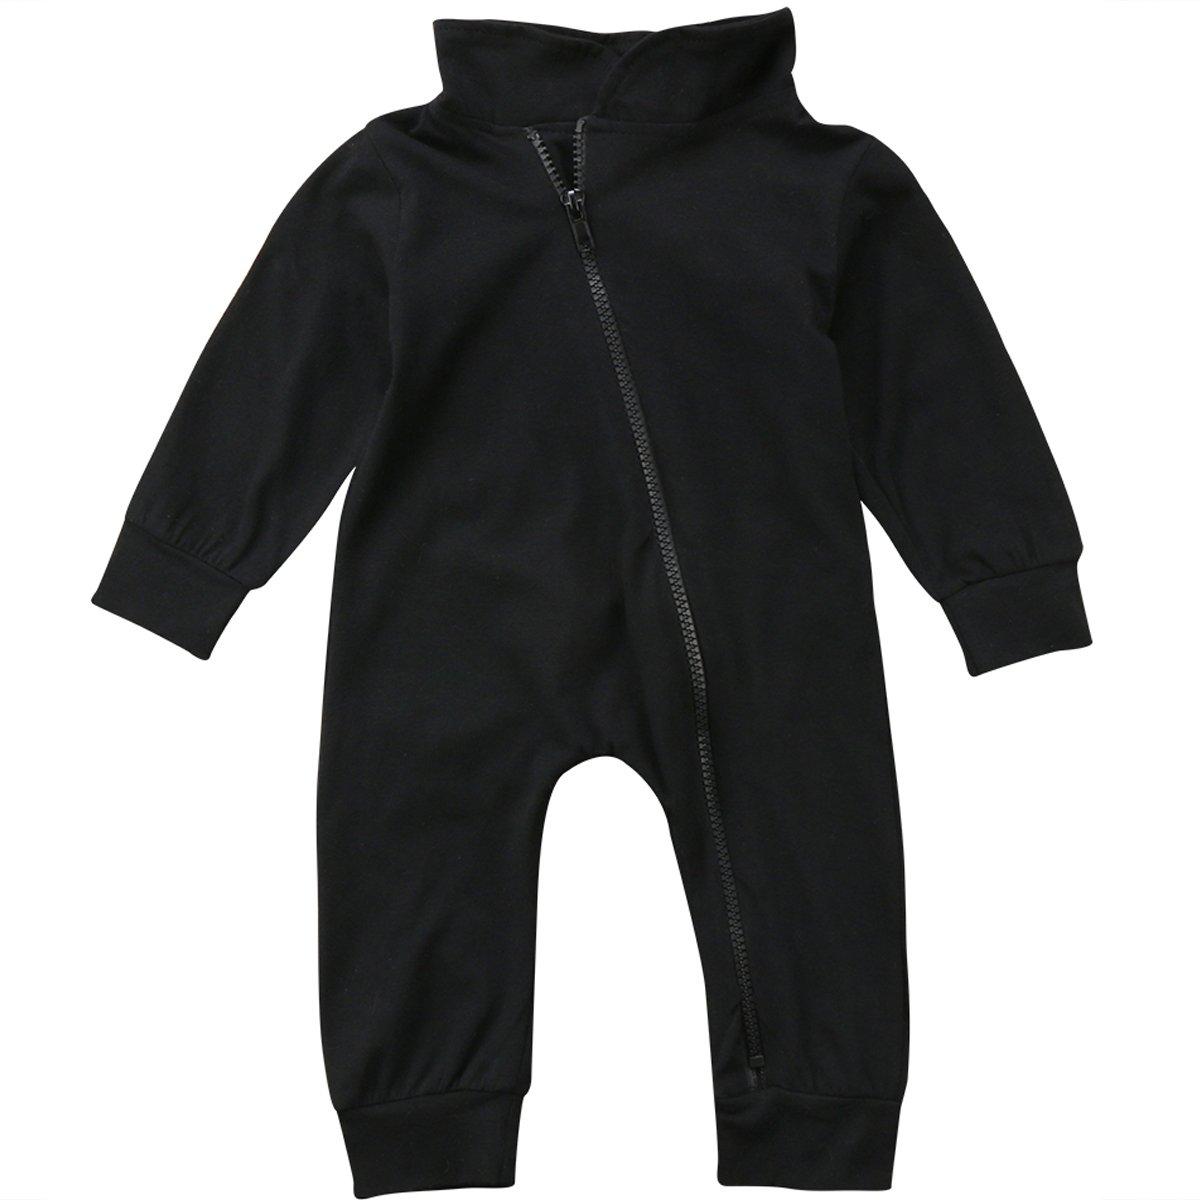 Annvivi Baby Boy Cotton Bodysuit Turtleneck Zipper Romper Long-Sleeve Jumpsuits